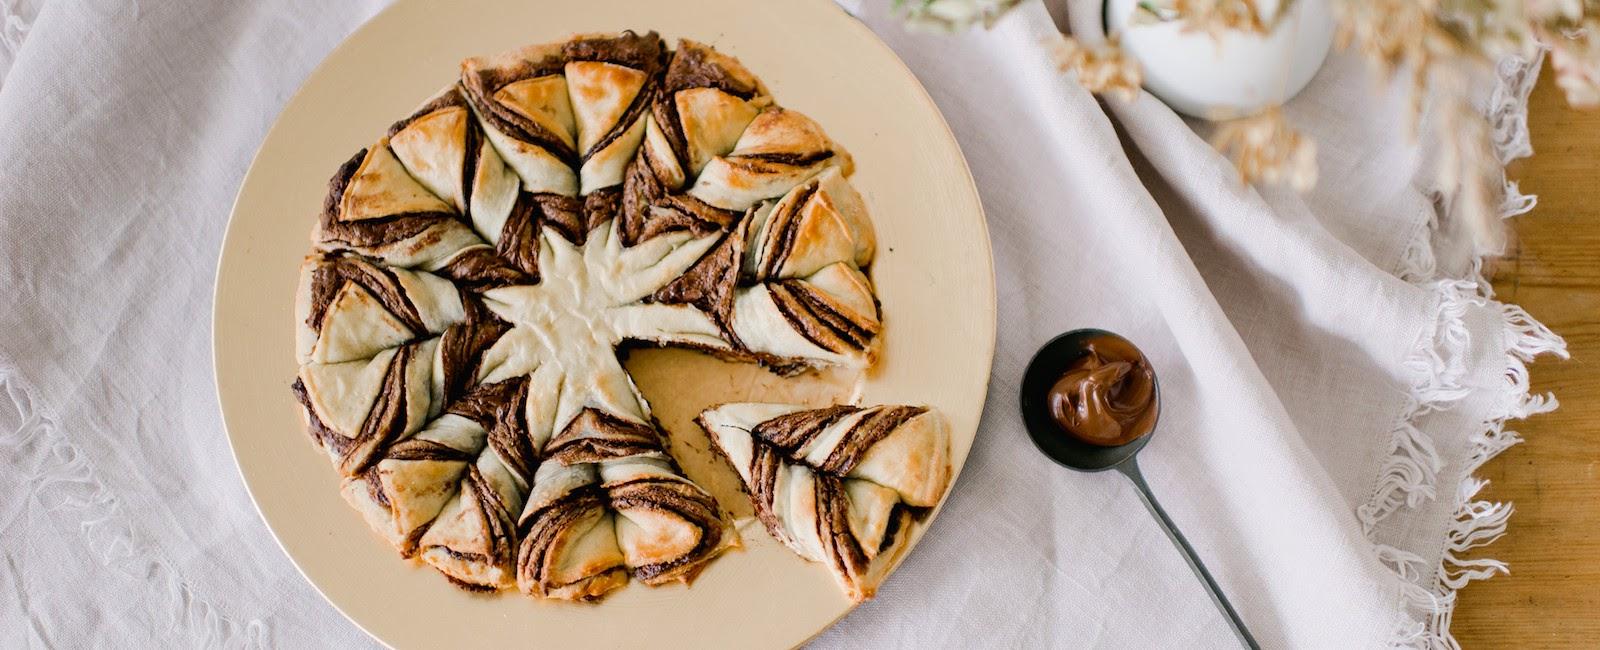 receita-como-fazer-pao-brioche-estrela-flor-de-nutella-3